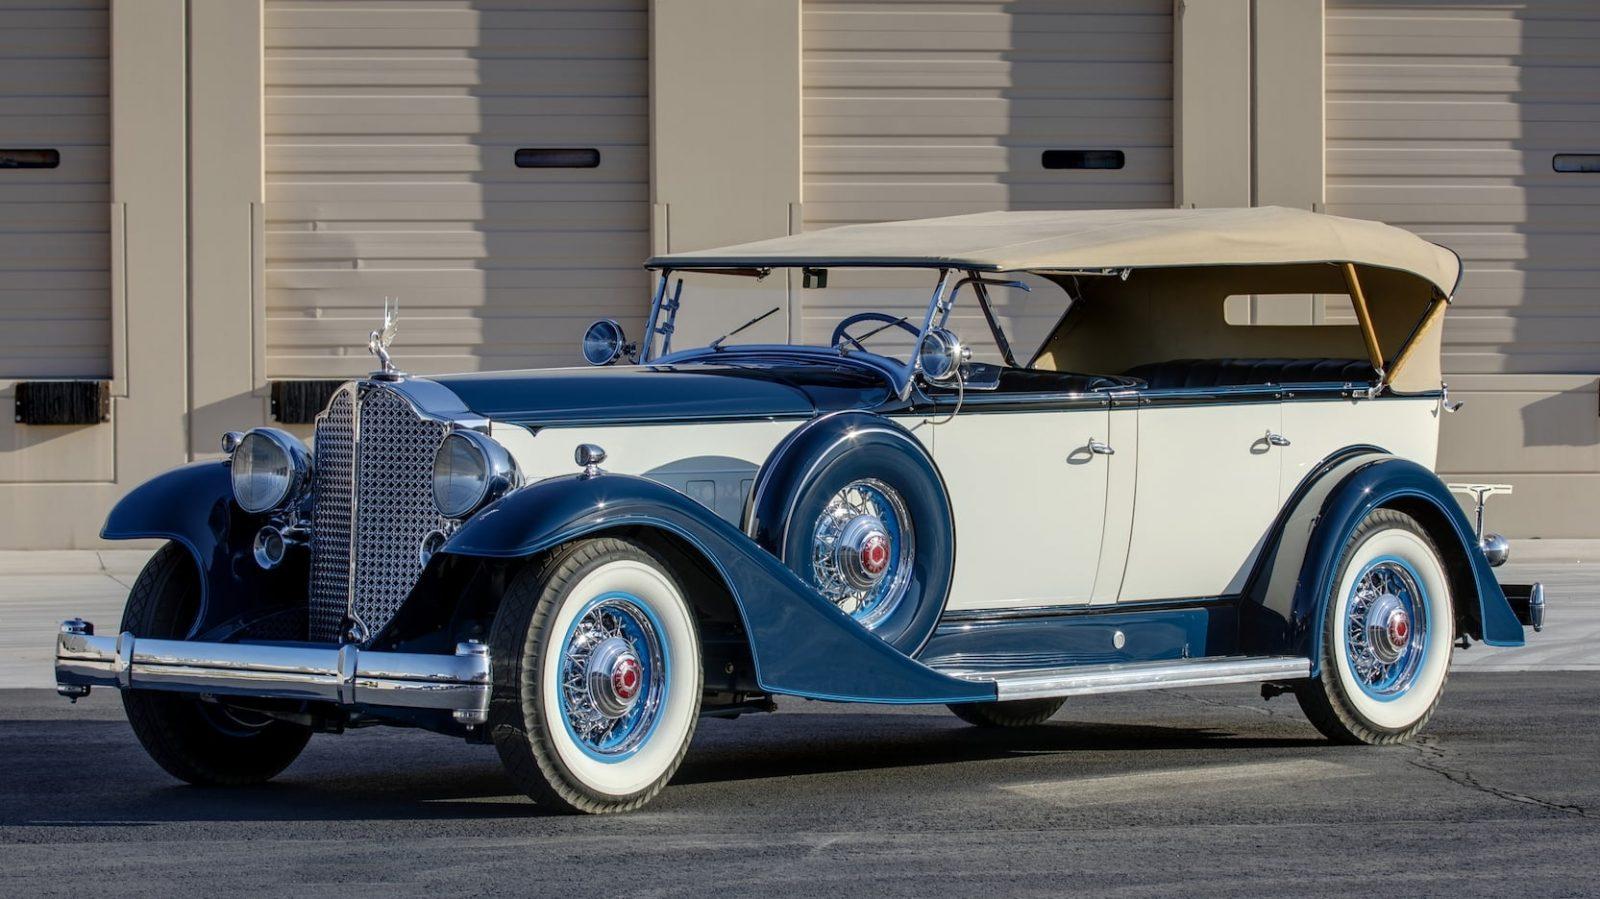 Фотографии автомобиля PACKARD 1005 TWELVE TOURING 1933 года.